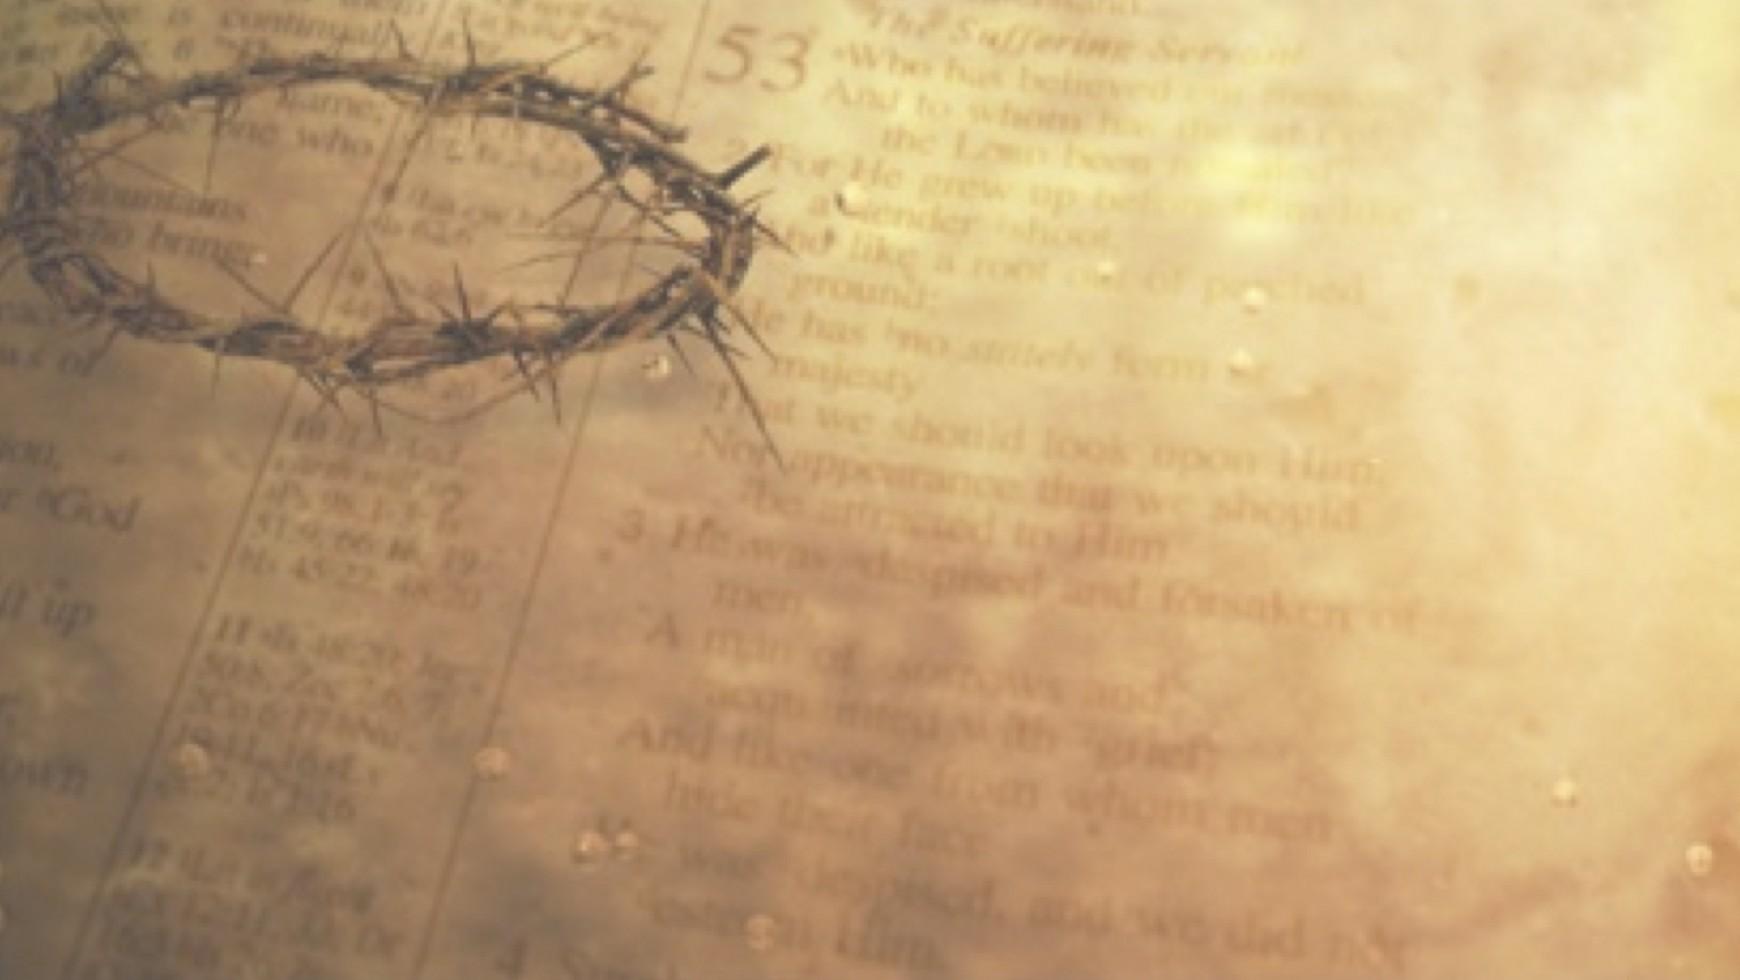 8th February 2015 – Isaiah 52:13-53:12